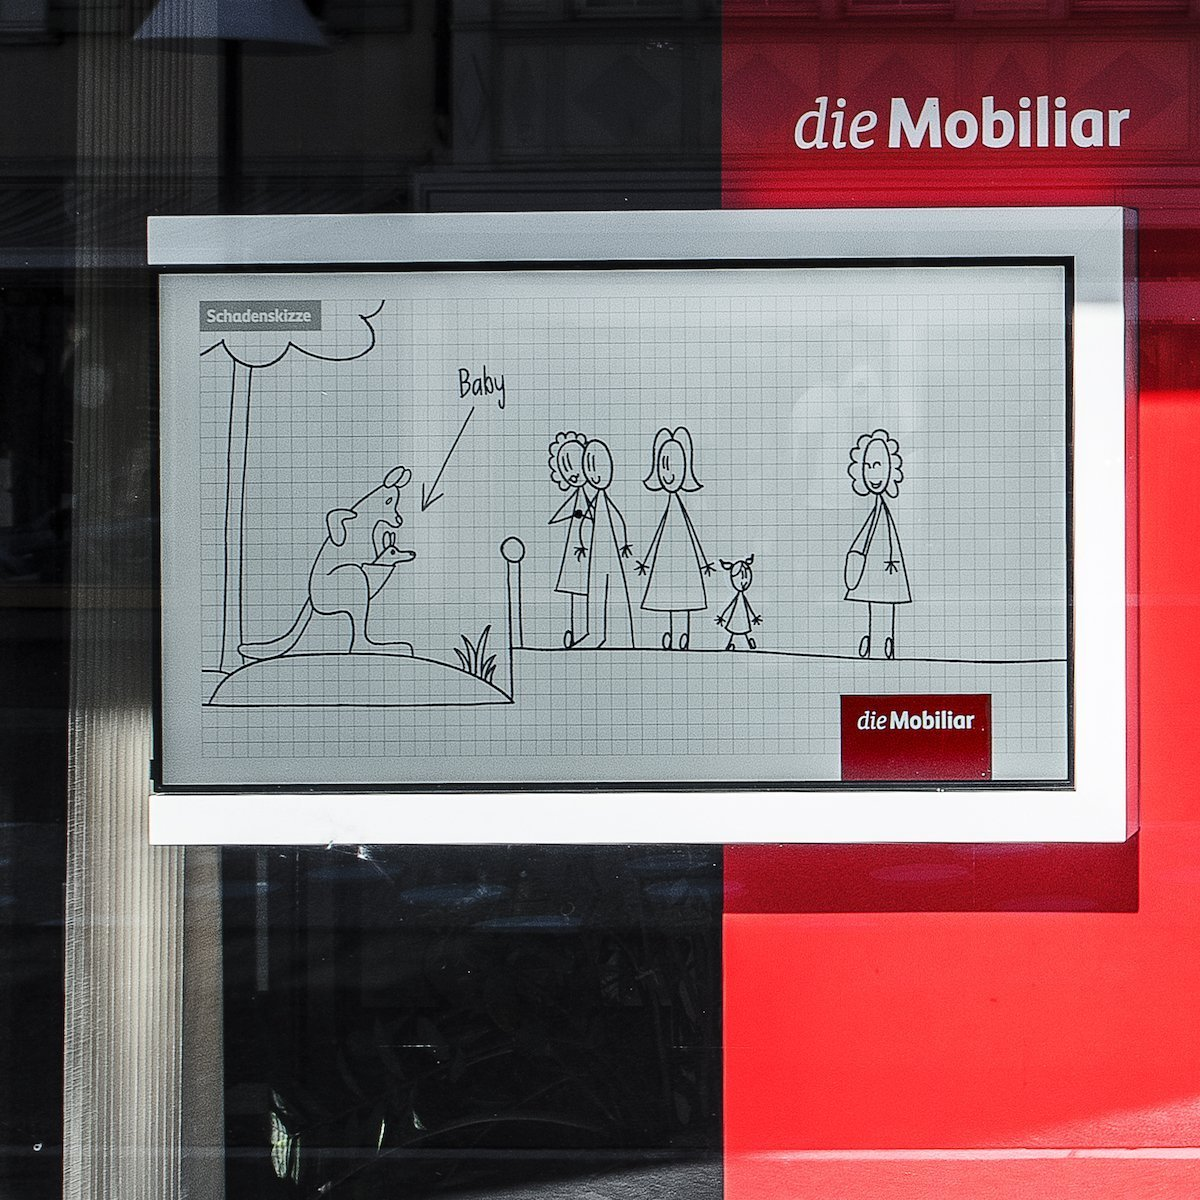 Einzelne Filialen nutzen statt digitaler Screens wie diesem aber analoge Werbemittel (Foto: screenFOODnet)